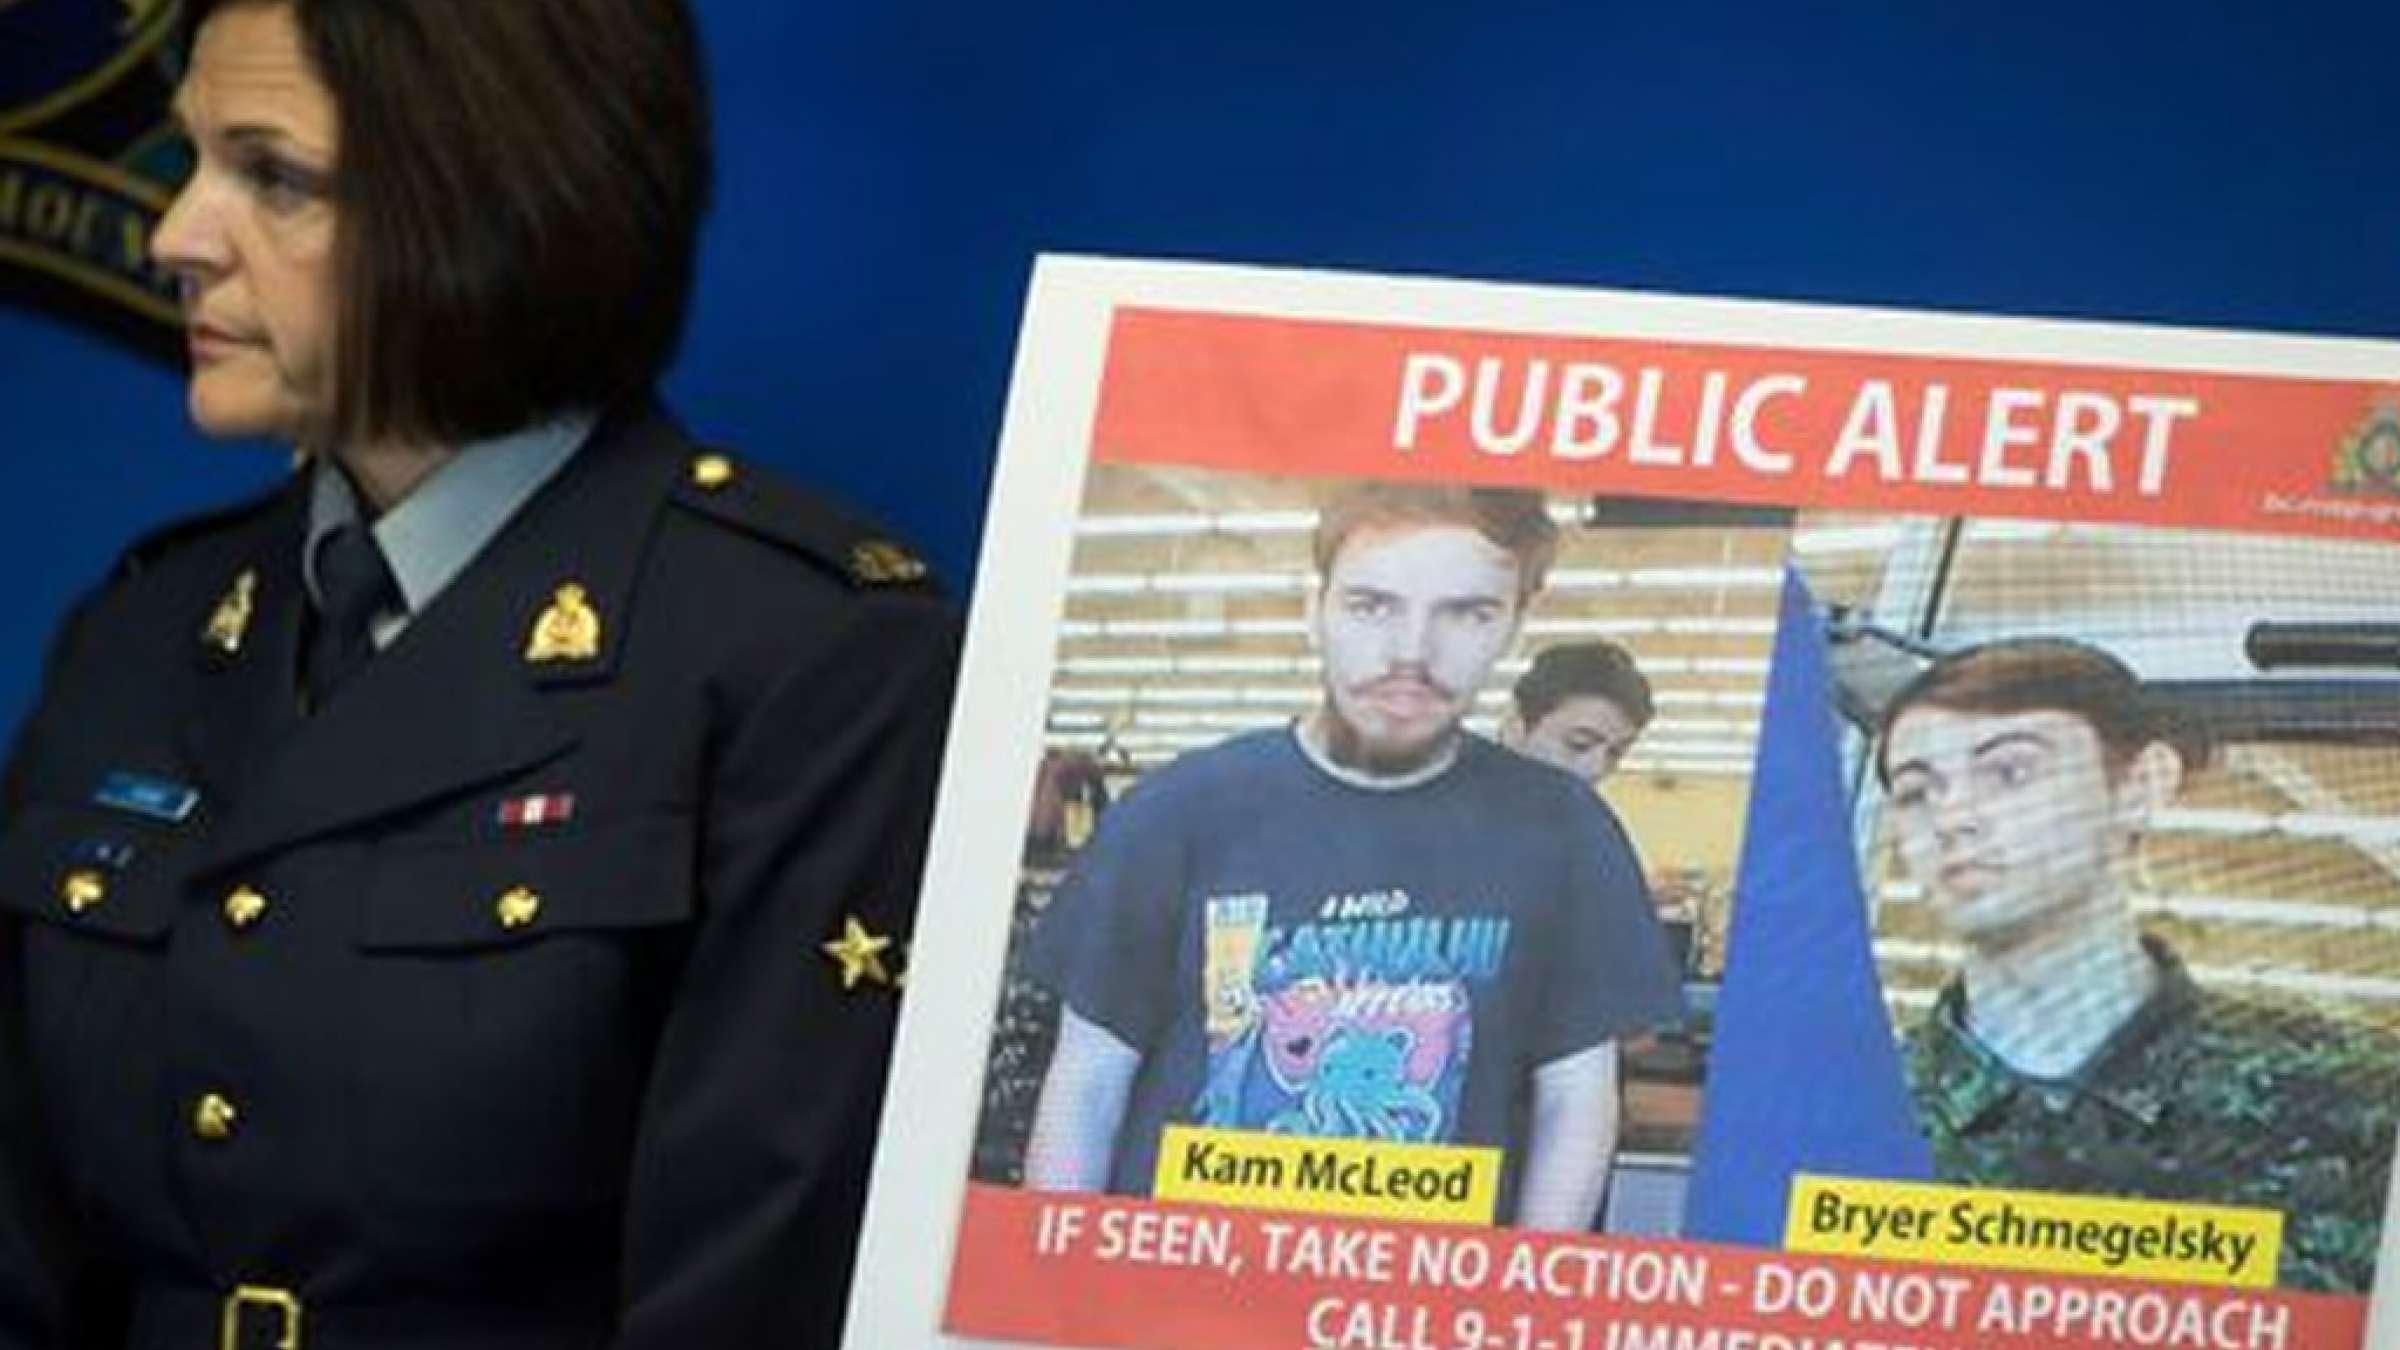 اخبار-کانادا-کشف-جسد-دو-نوجوان-کانادایی-متهم-به-قتل